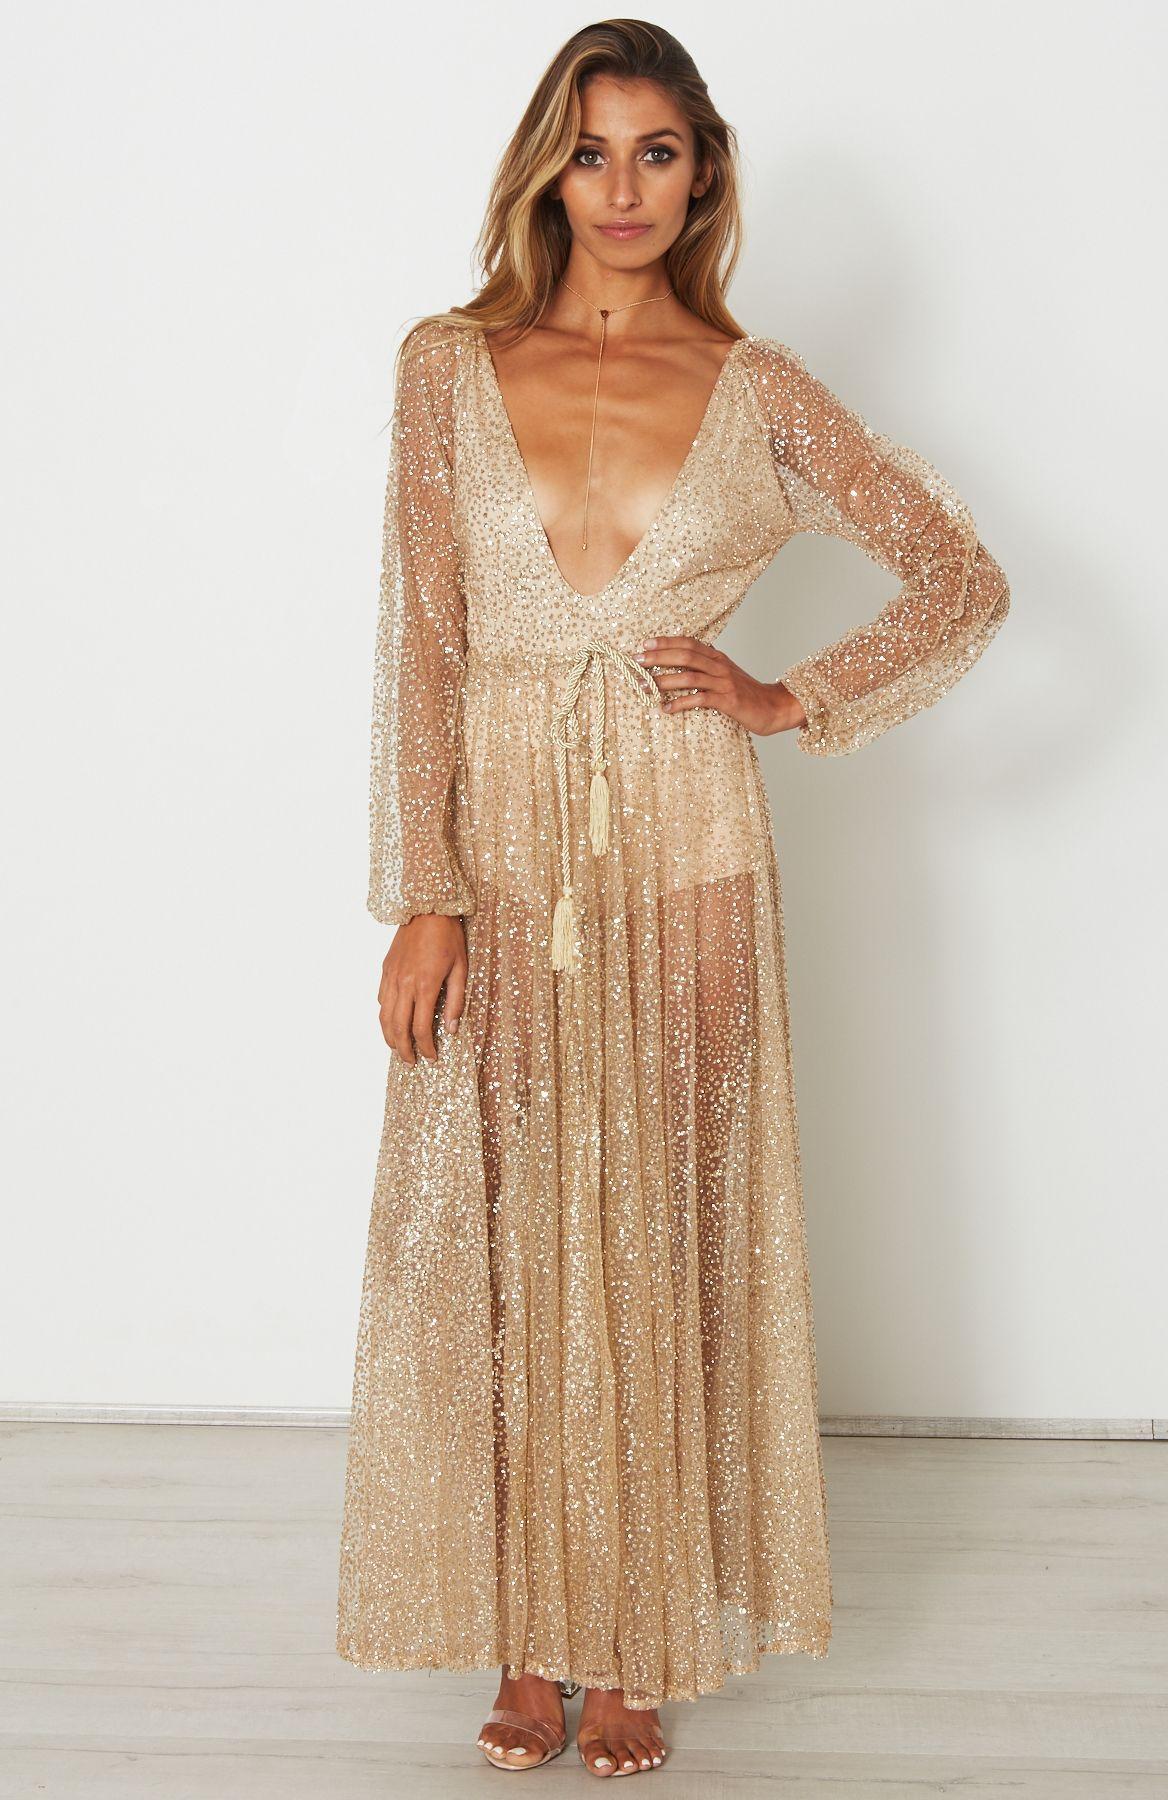 Lucky Star Glitter Gown | Lucky Star Glitter Gown | Pinterest ...